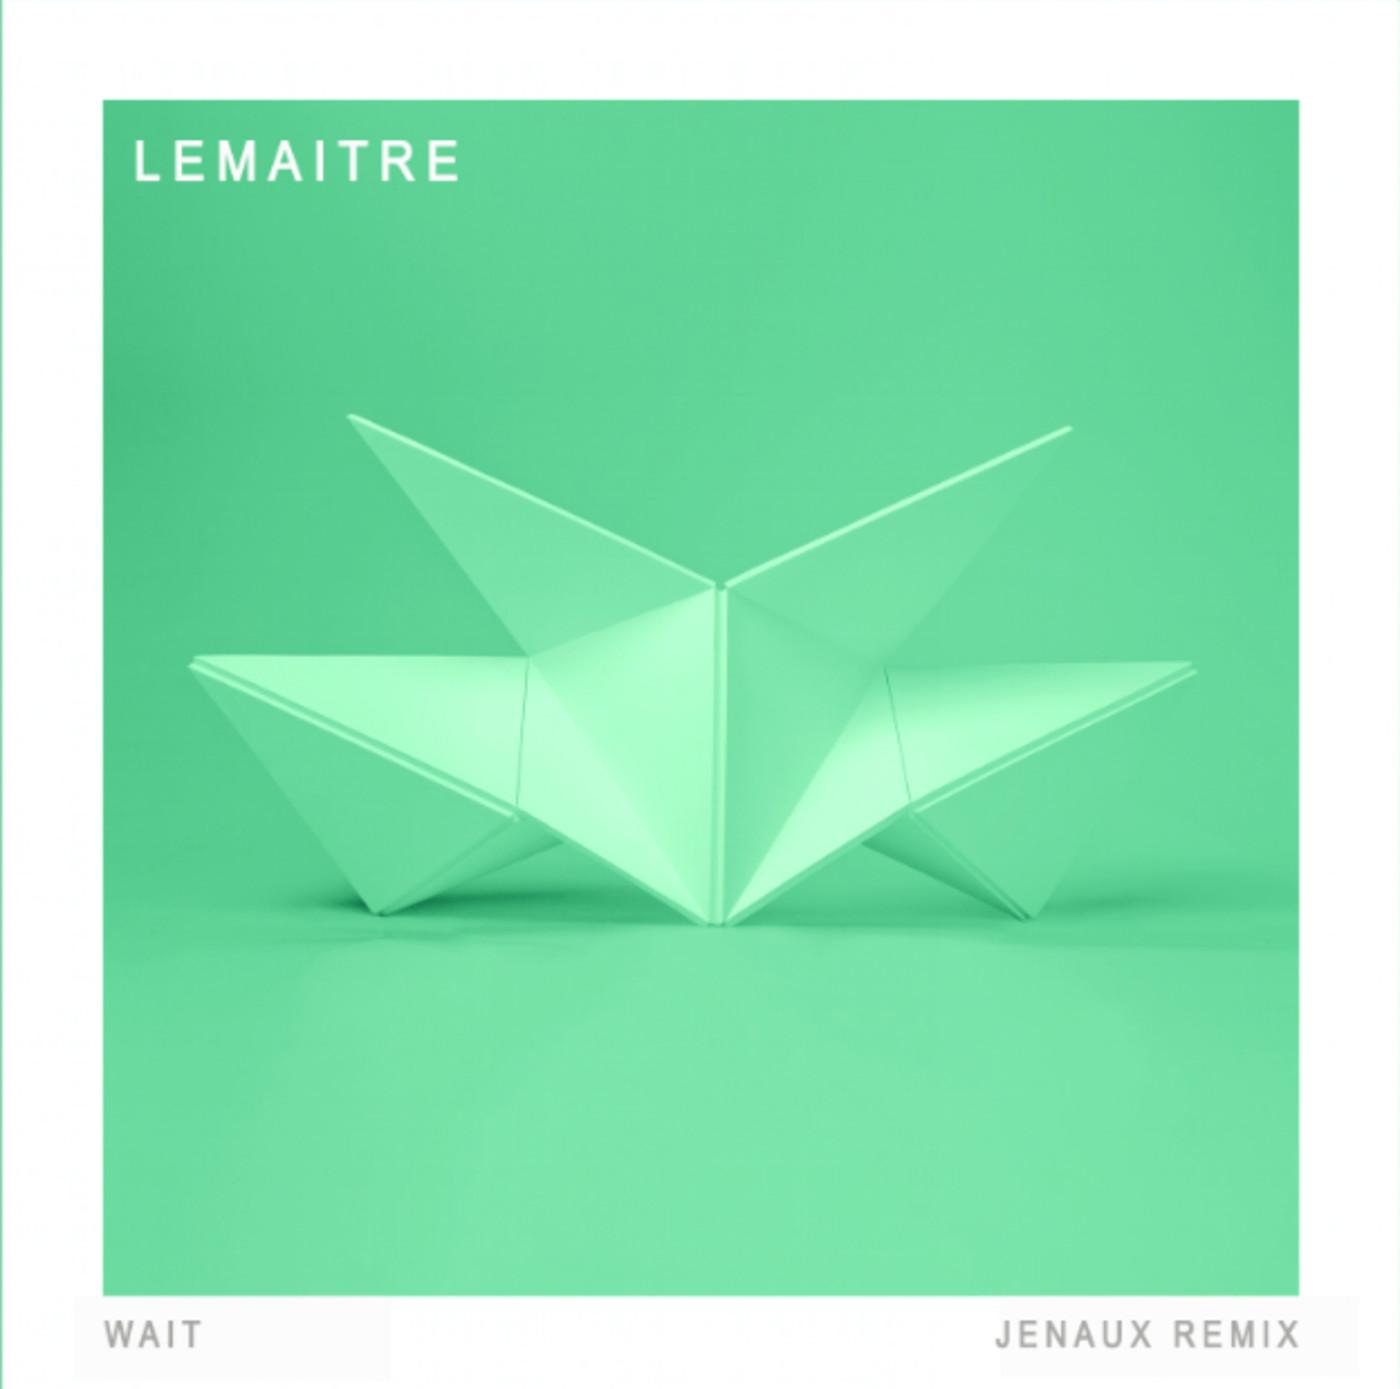 lemaitre-wait-jenaux-remix